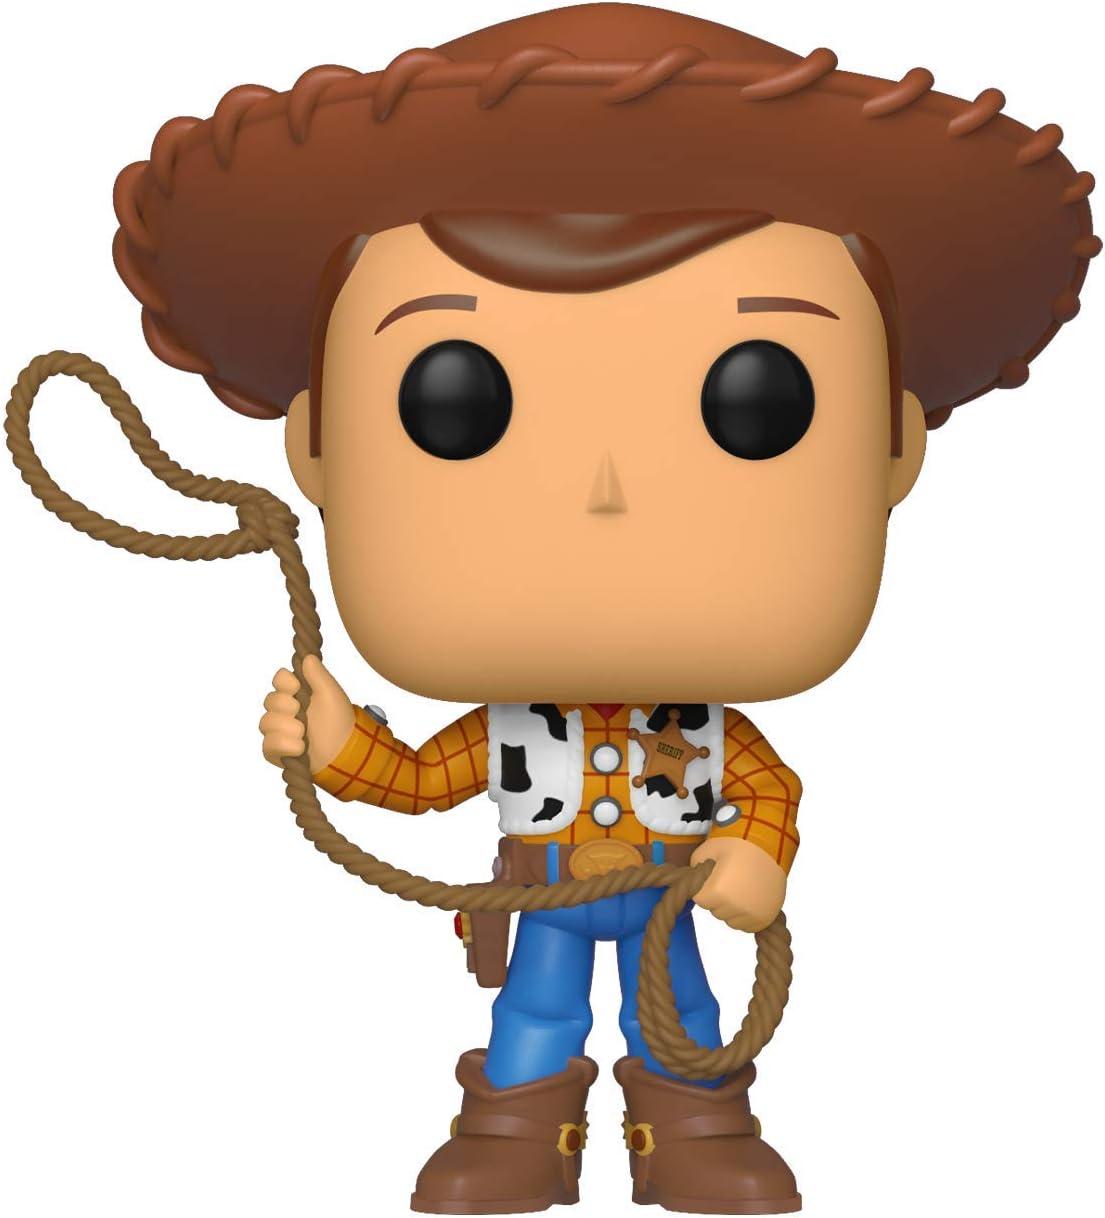 Pop! Vinilo: Disney: Toy Story 4: Woody